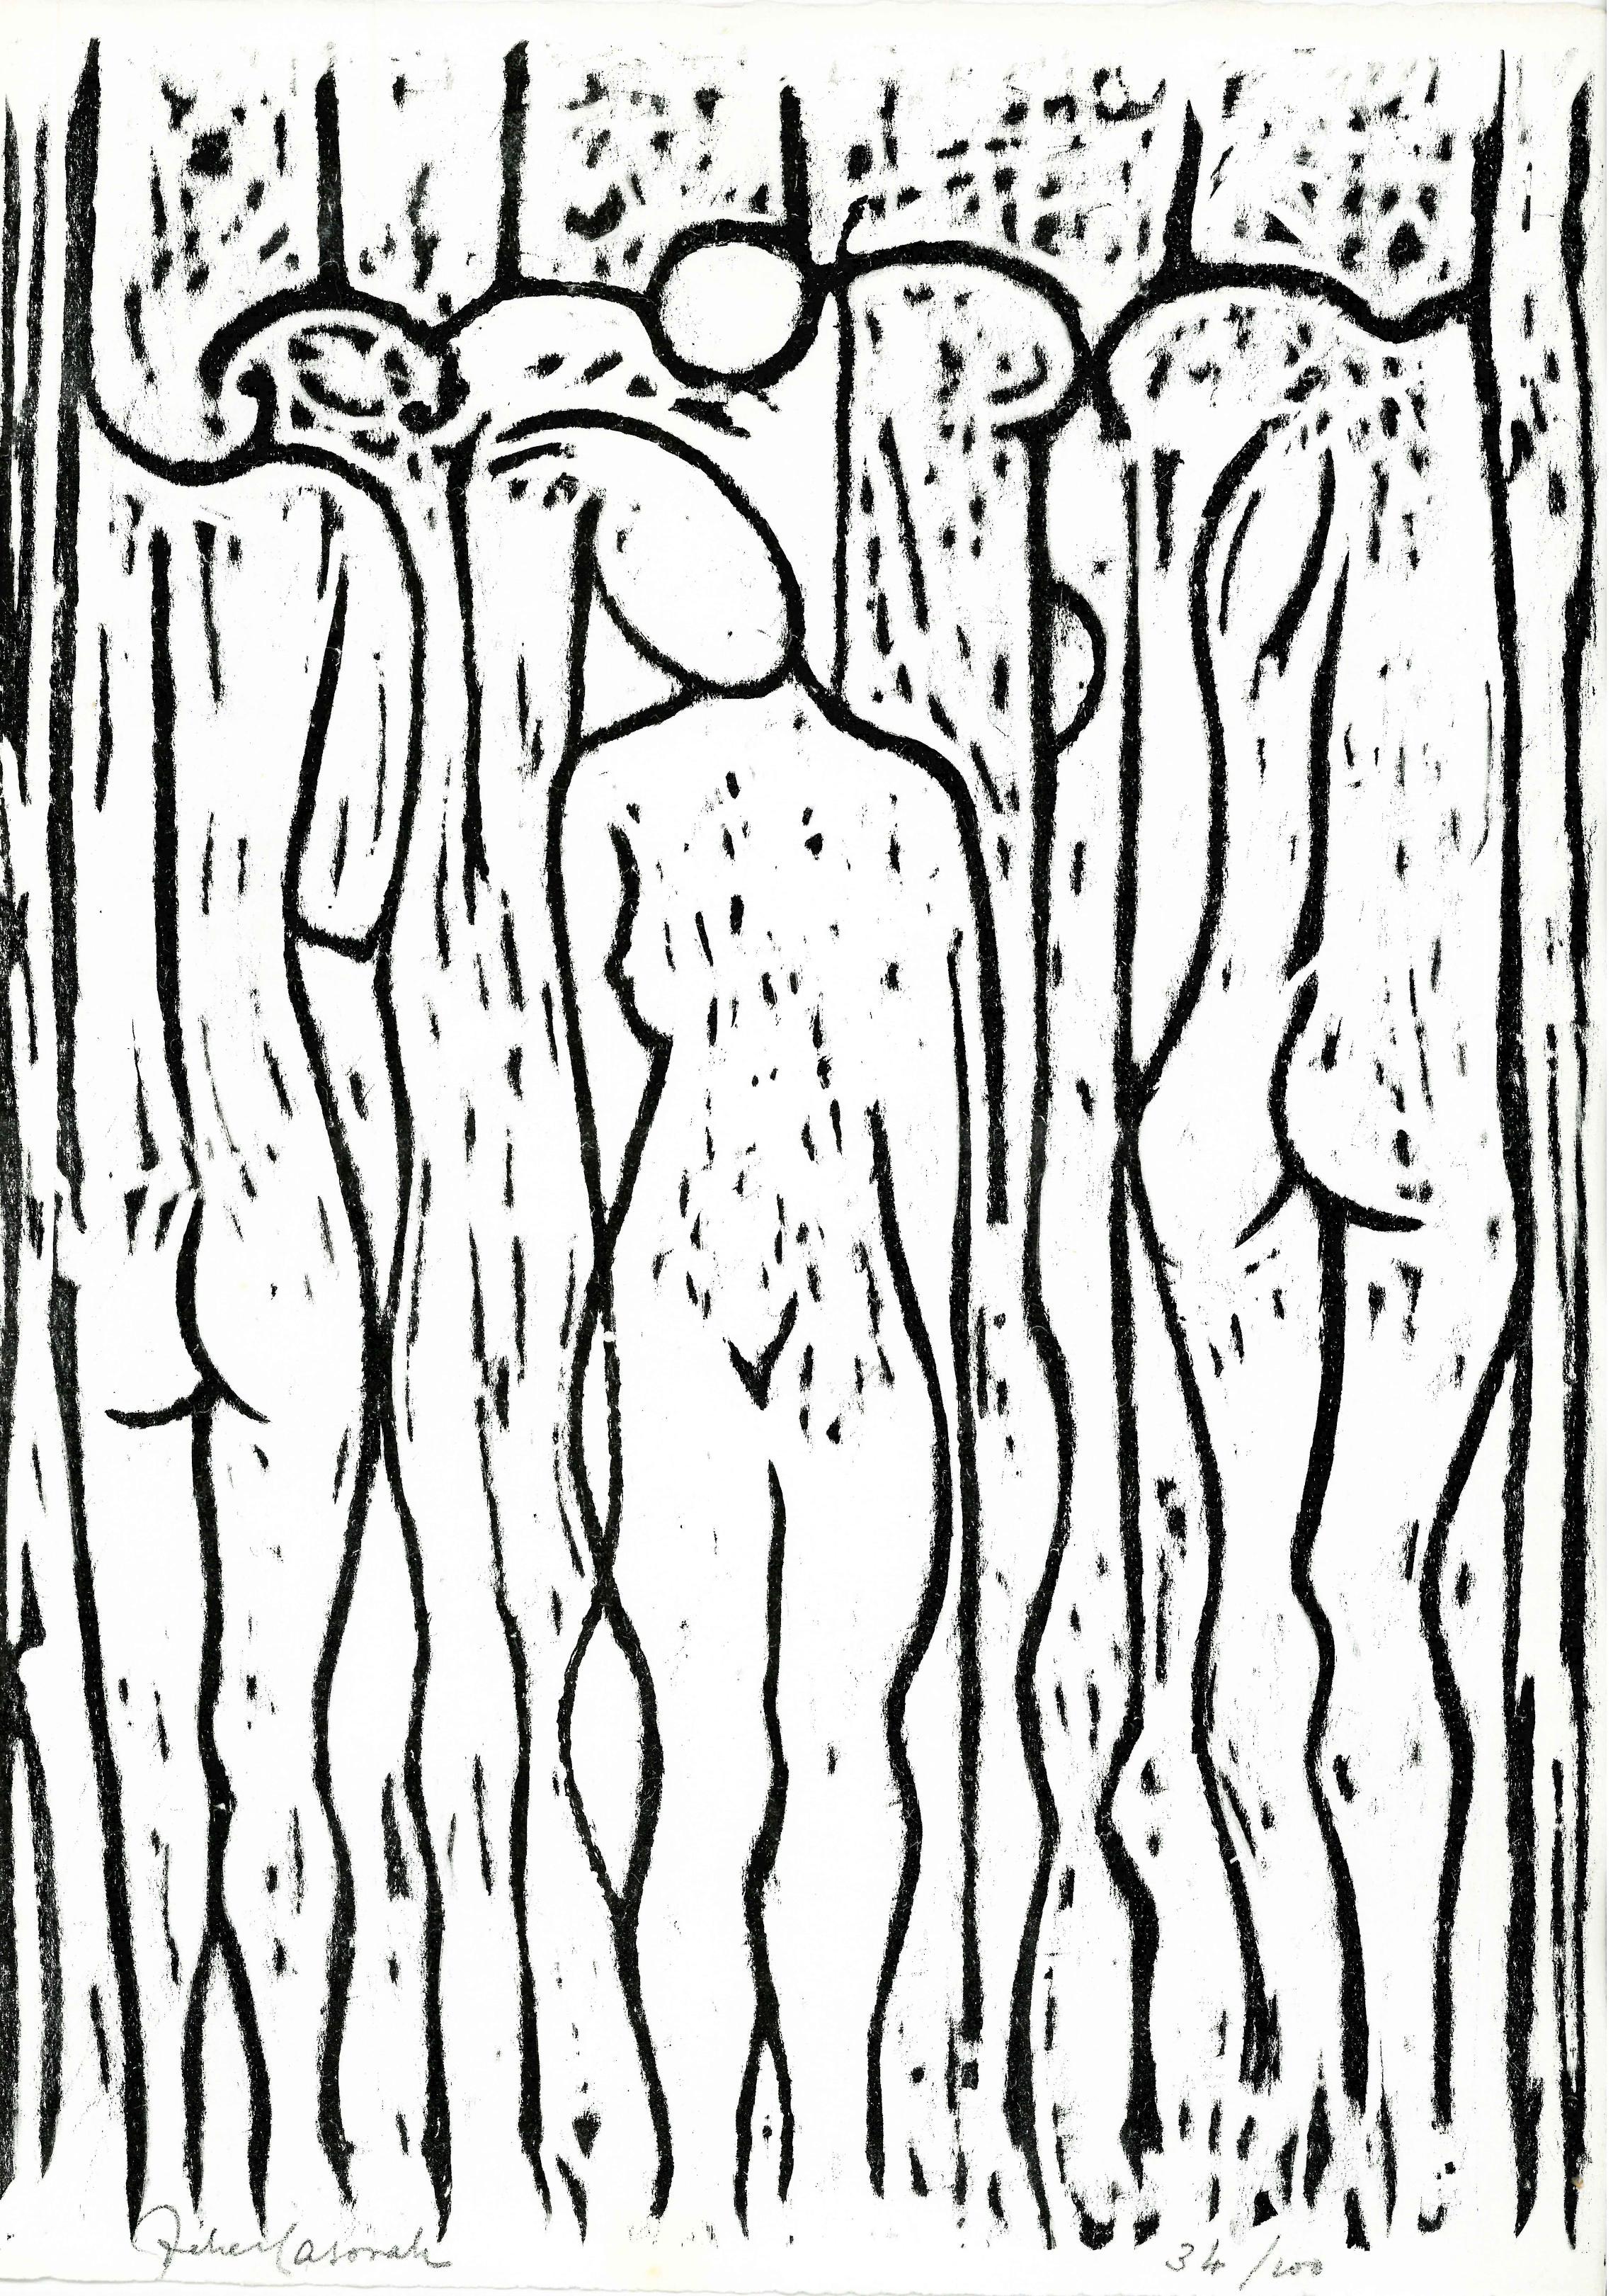 """Felice Casorati, litografia tratta dalla cartella """"Paul Valéry, Cantique des Colonnes"""", 1959"""